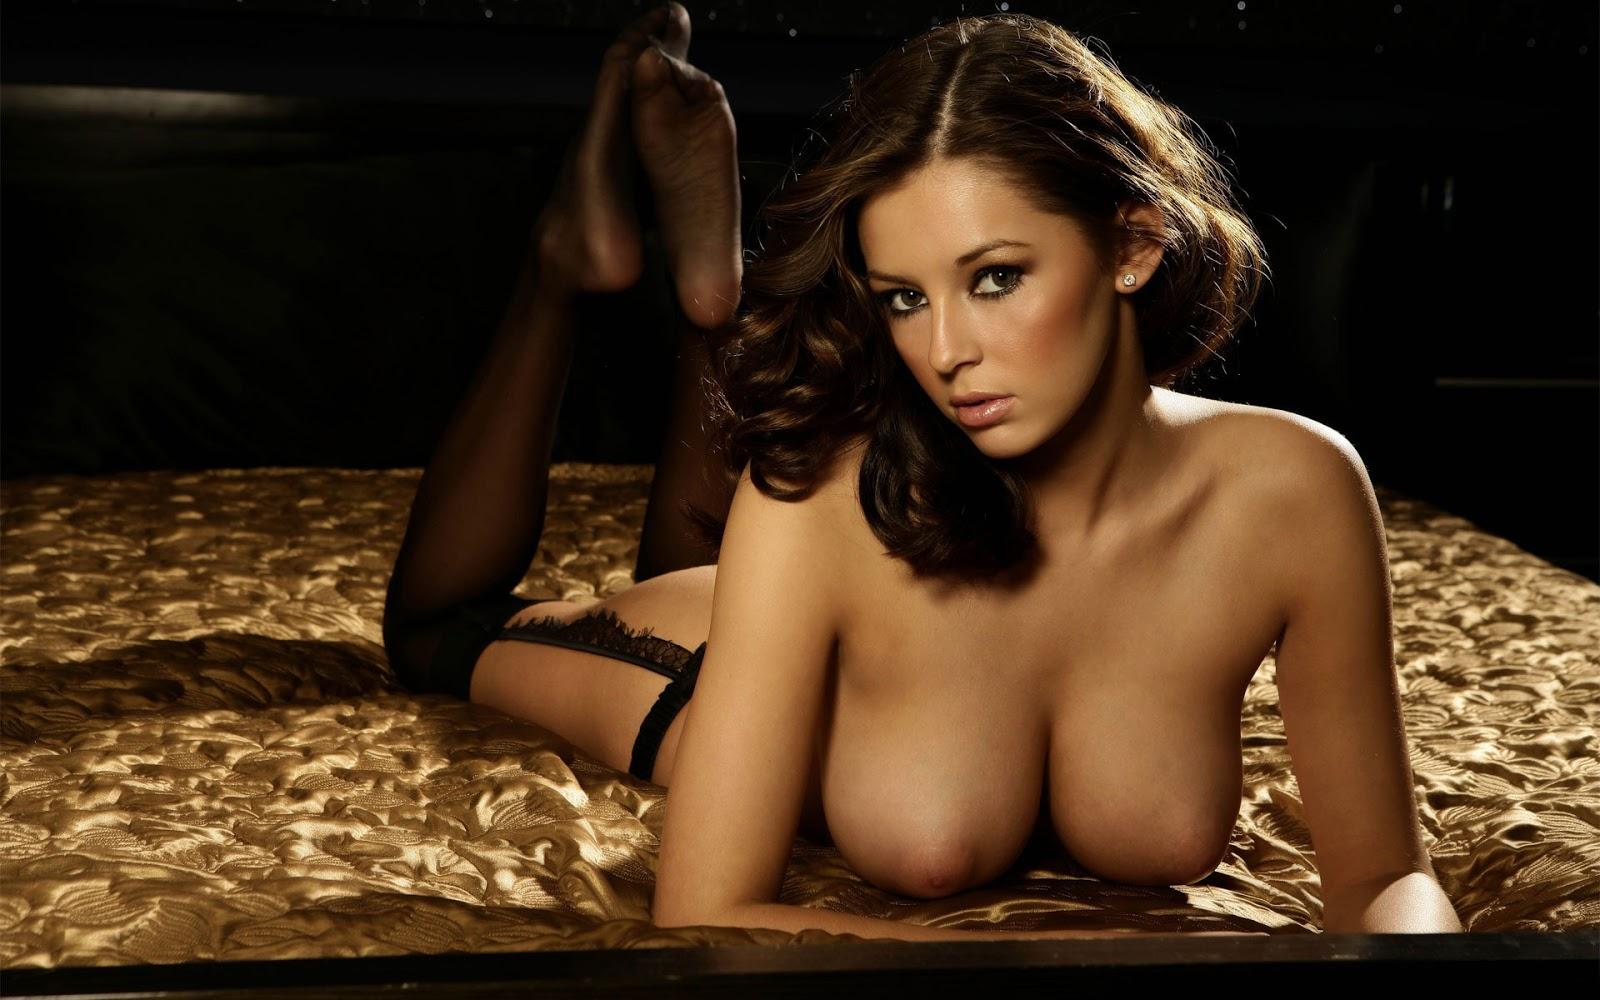 Секс фото девушек от всего мира 5 фотография